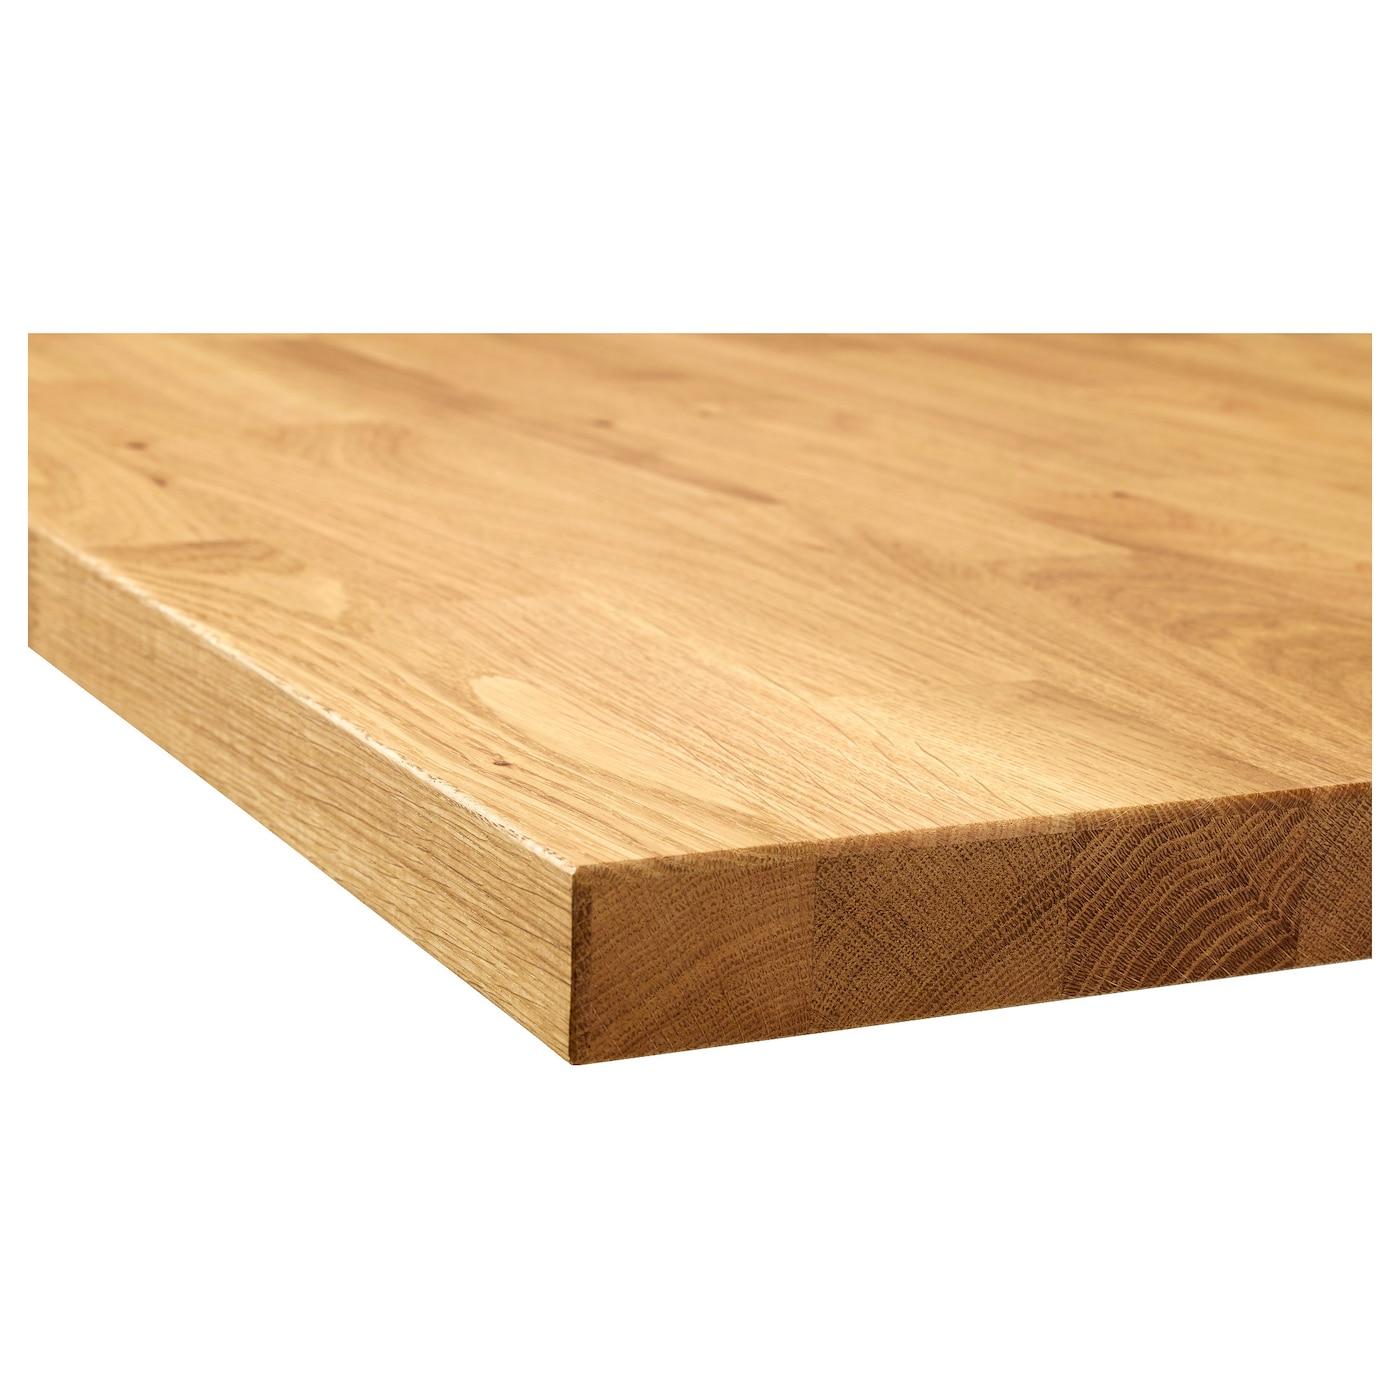 Plan De Travail Ikea Bois Massif karlby plan de travail - chêne, plaqué 246x3.8 cm